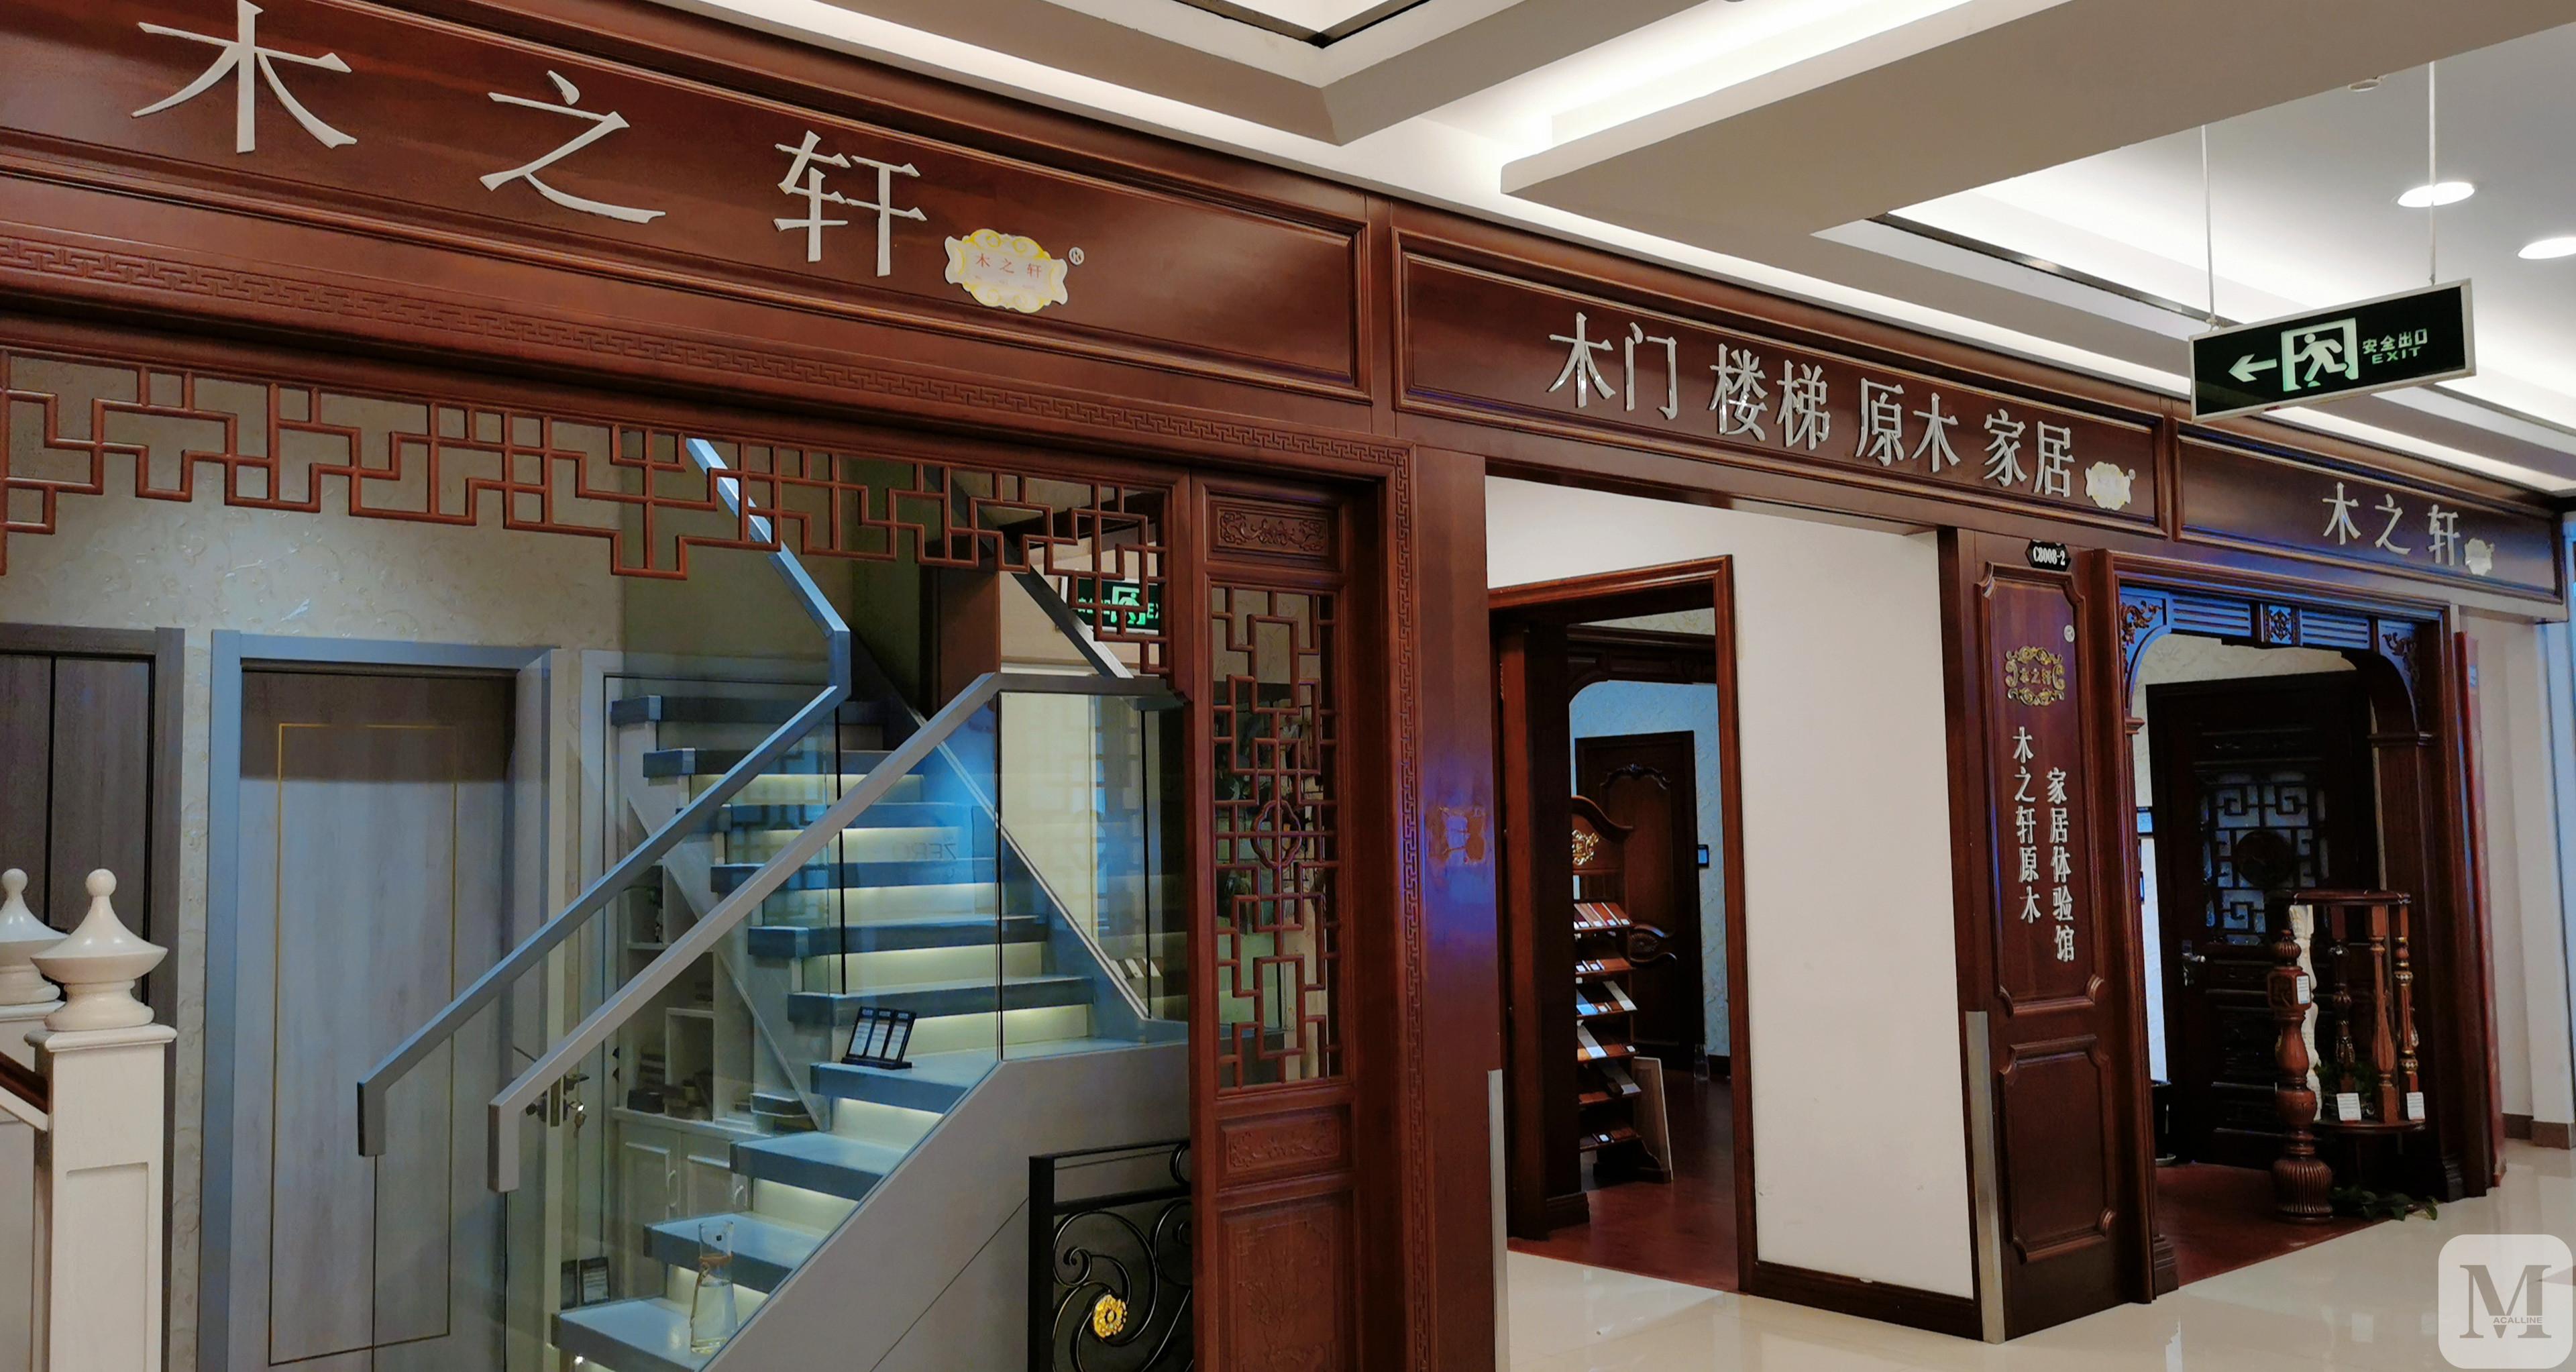 木之轩二店(红星美凯龙上海金山商场)